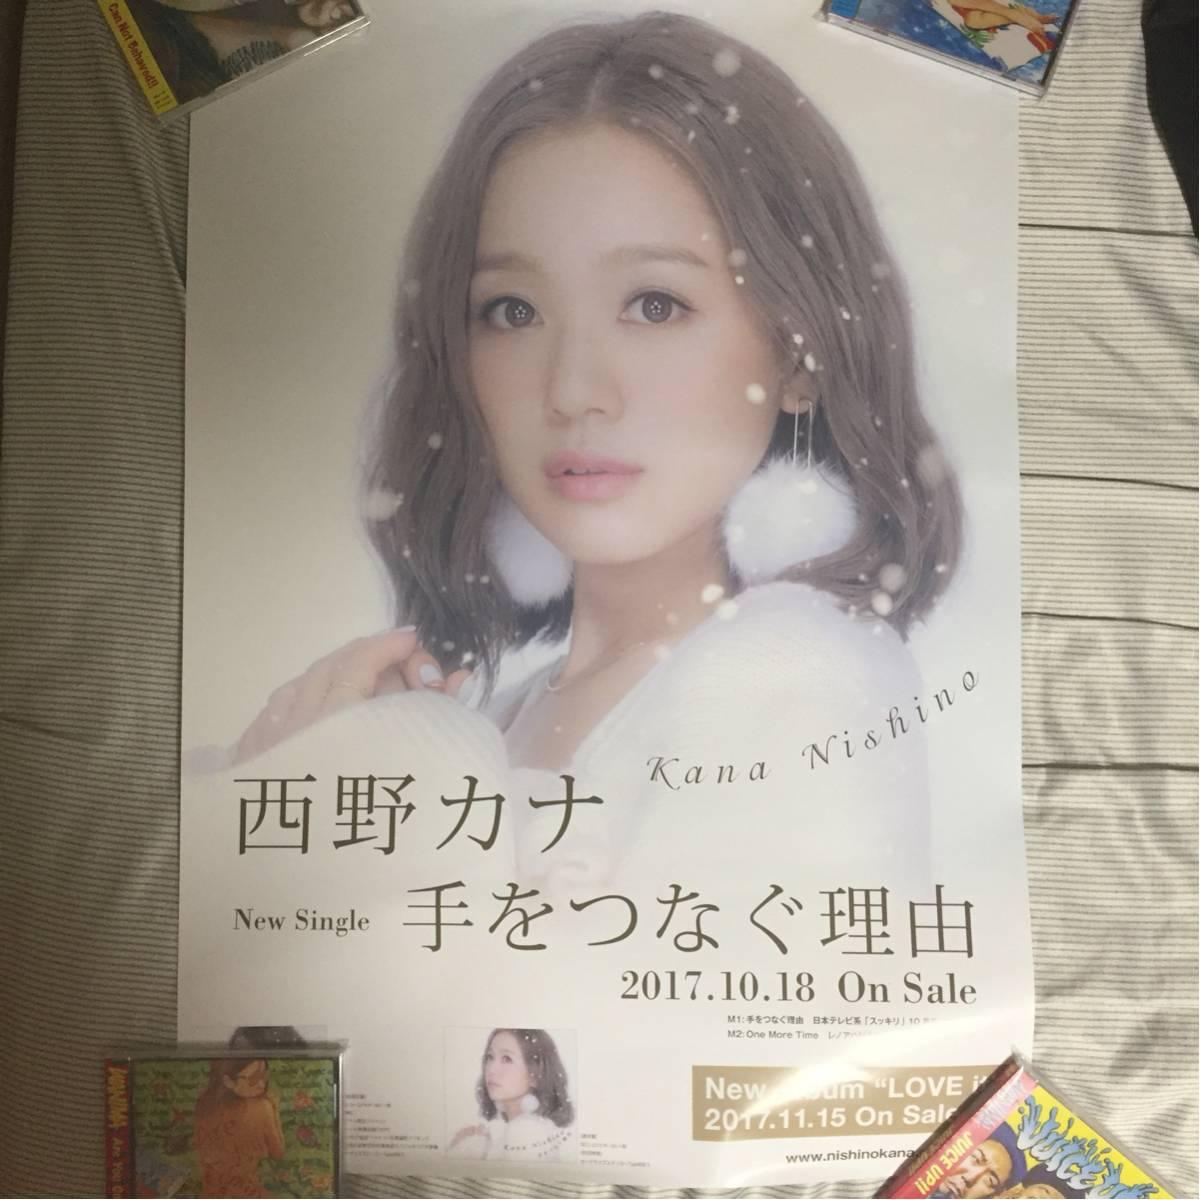 レア 西野カナ 非売品 ポスター ライブグッズの画像